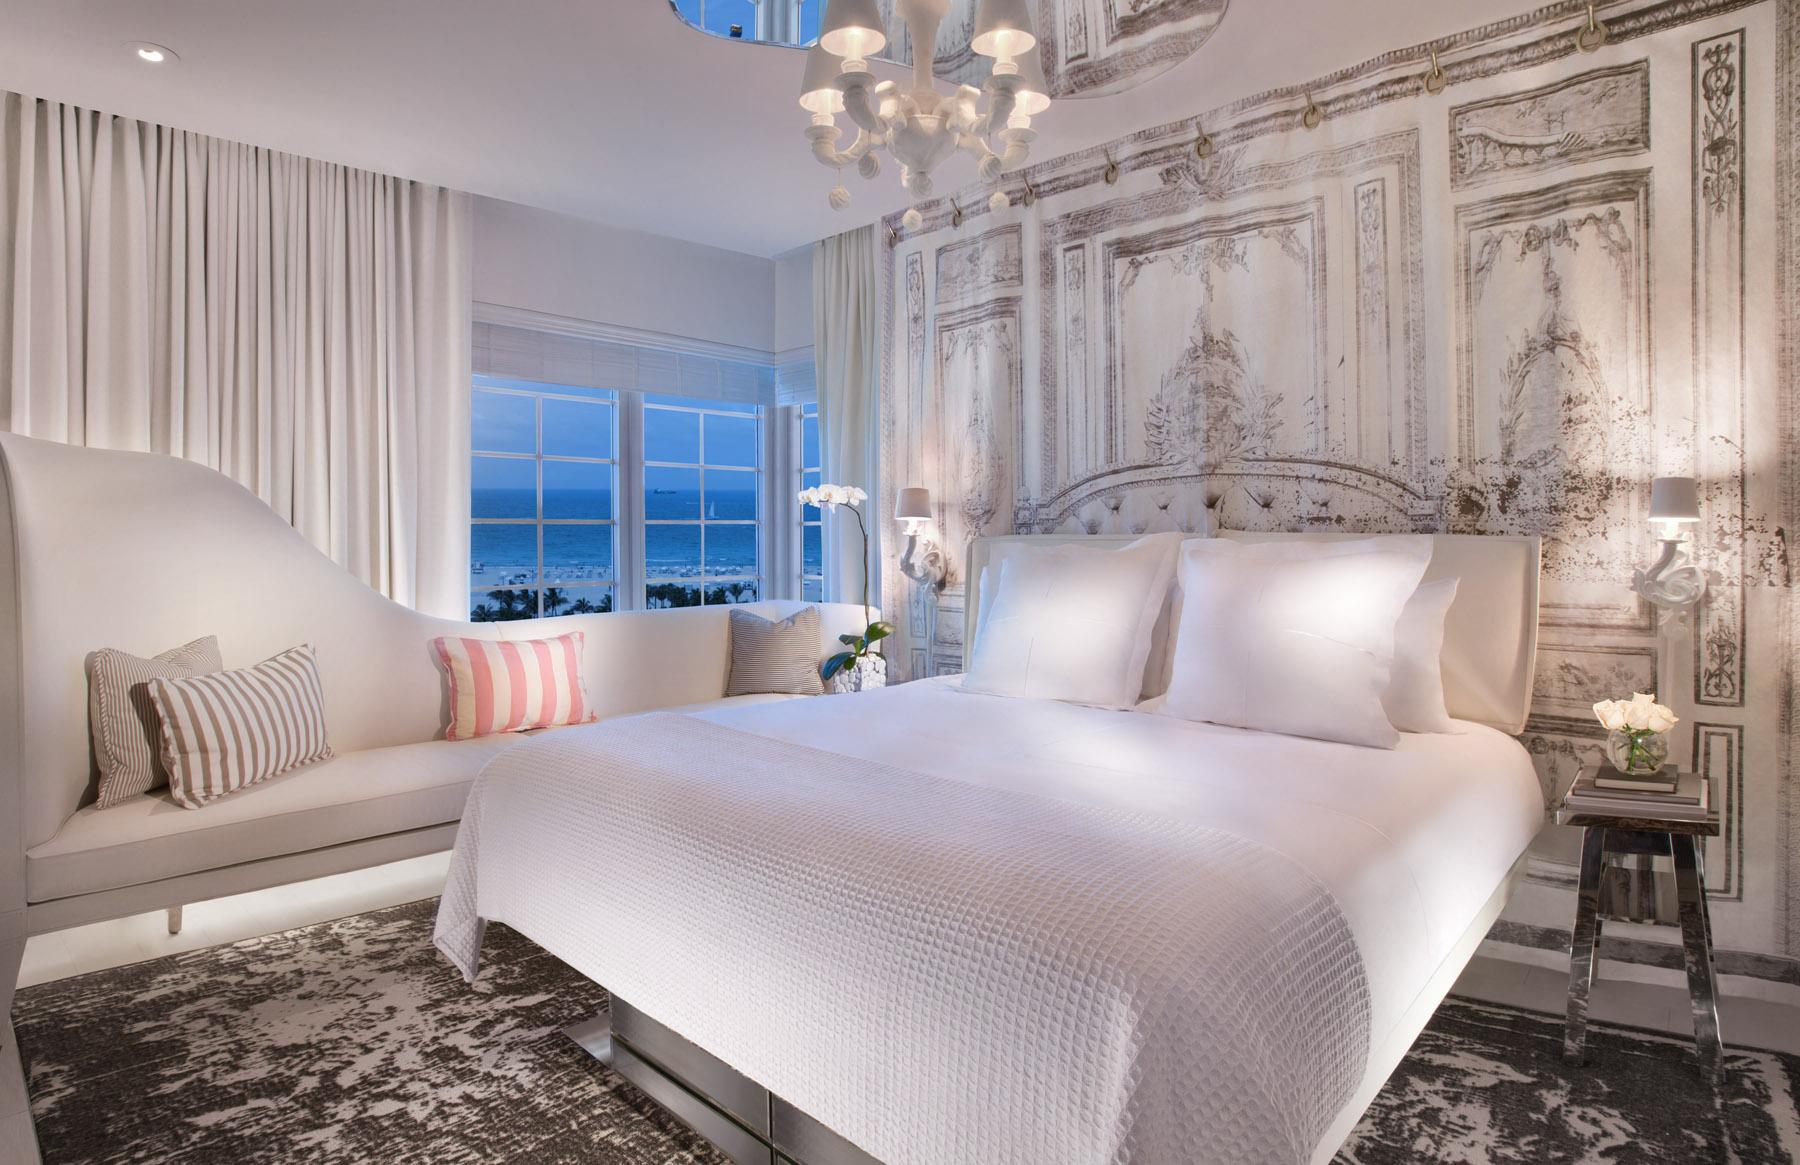 Кровать и кушетка